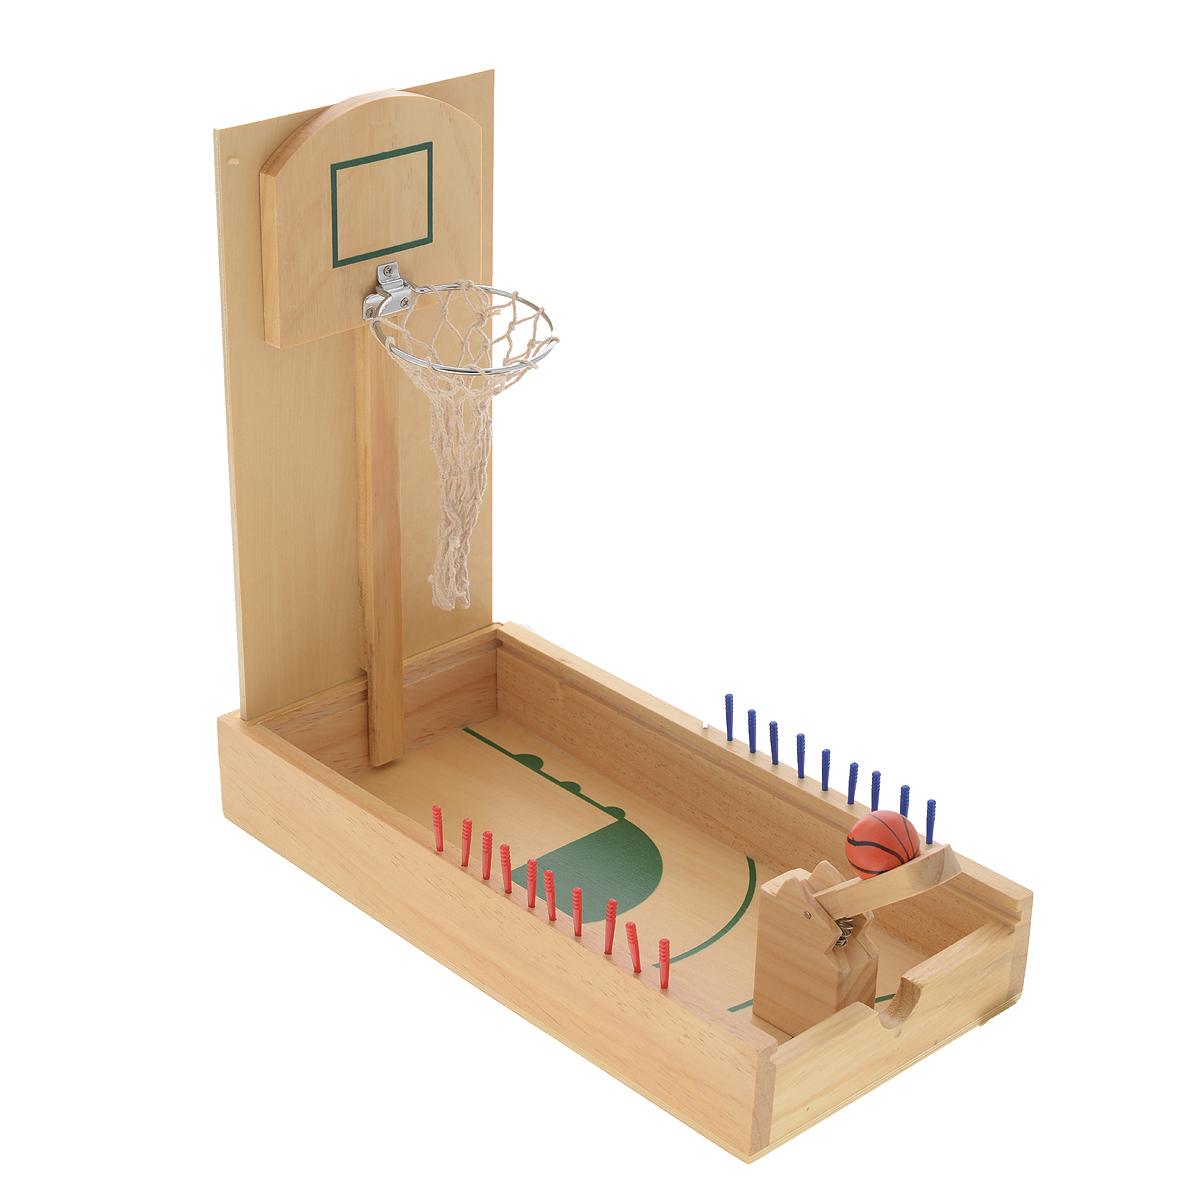 Игра настольная Русские Подарки Пинбол-баскетбол, размер: 36*18*6 см. 4232842328С настольной игрой Пинбол-баскетбол дети смогут устроить настоящие соревнования. Соберите баскетбольную площадку и забрасывайте мяч в корзину с помощью специальной пушки. Победит тот, у кого удачных бросков будет больше. Игра развивает координацию движений, мышление, отлично тренирует реакцию и ловкость рук. Комплектация: игровое поле, мяч. Количество игроков: 2. Рекомендуемый возраст: 3+.